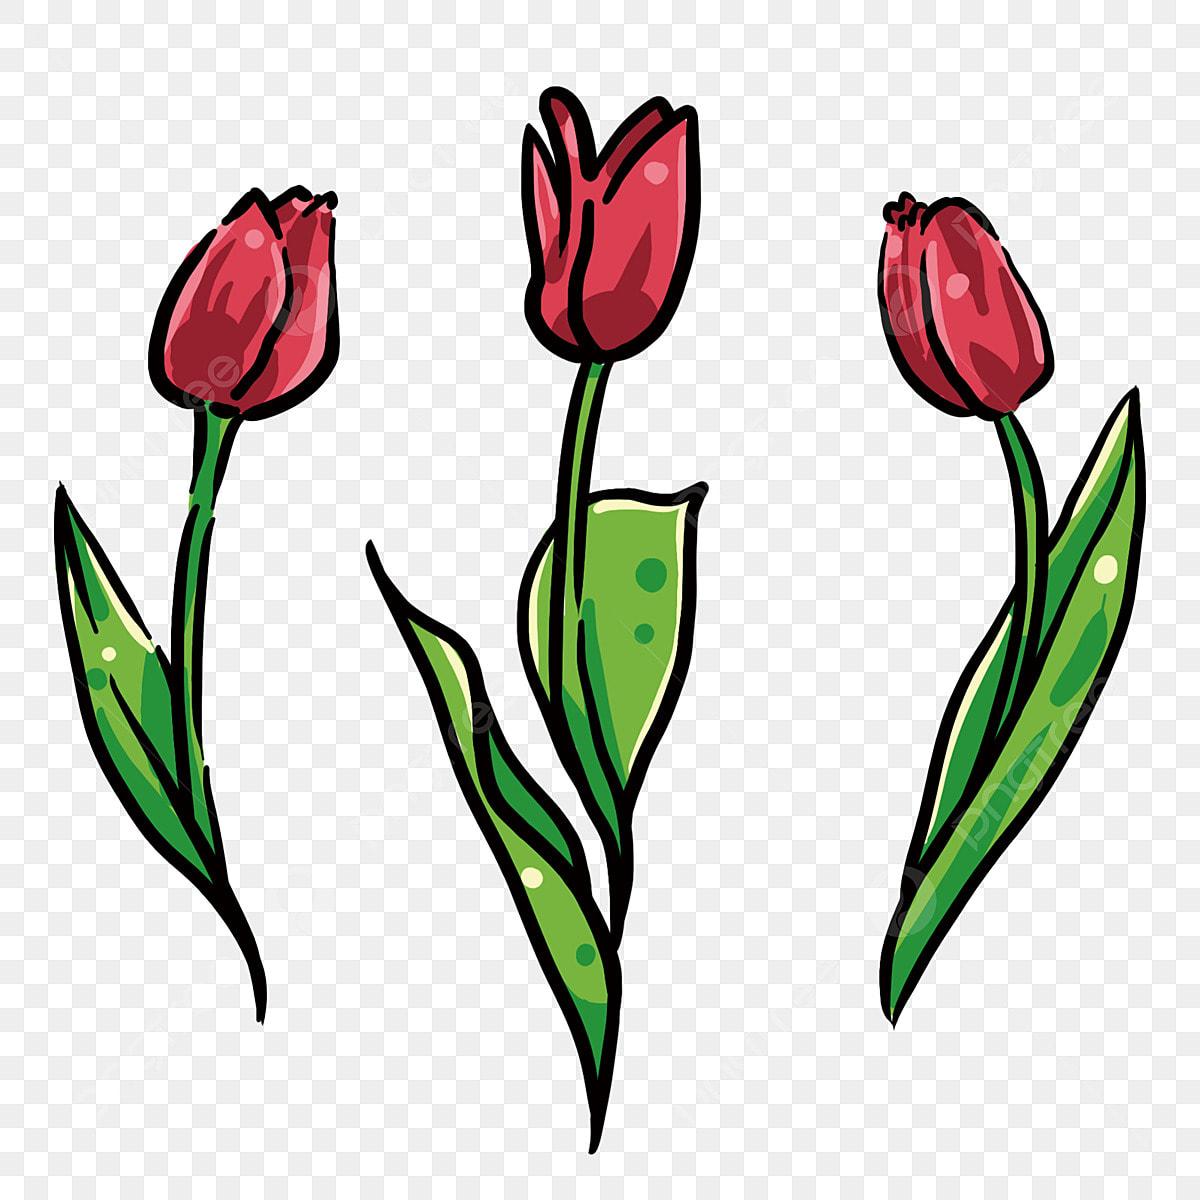 Tulipe Rouge Belles Tulipes Fleurs Rouge Fleurs De Dessins Animes Feuilles Vertes Fichier Png Et Psd Pour Le Telechargement Libre